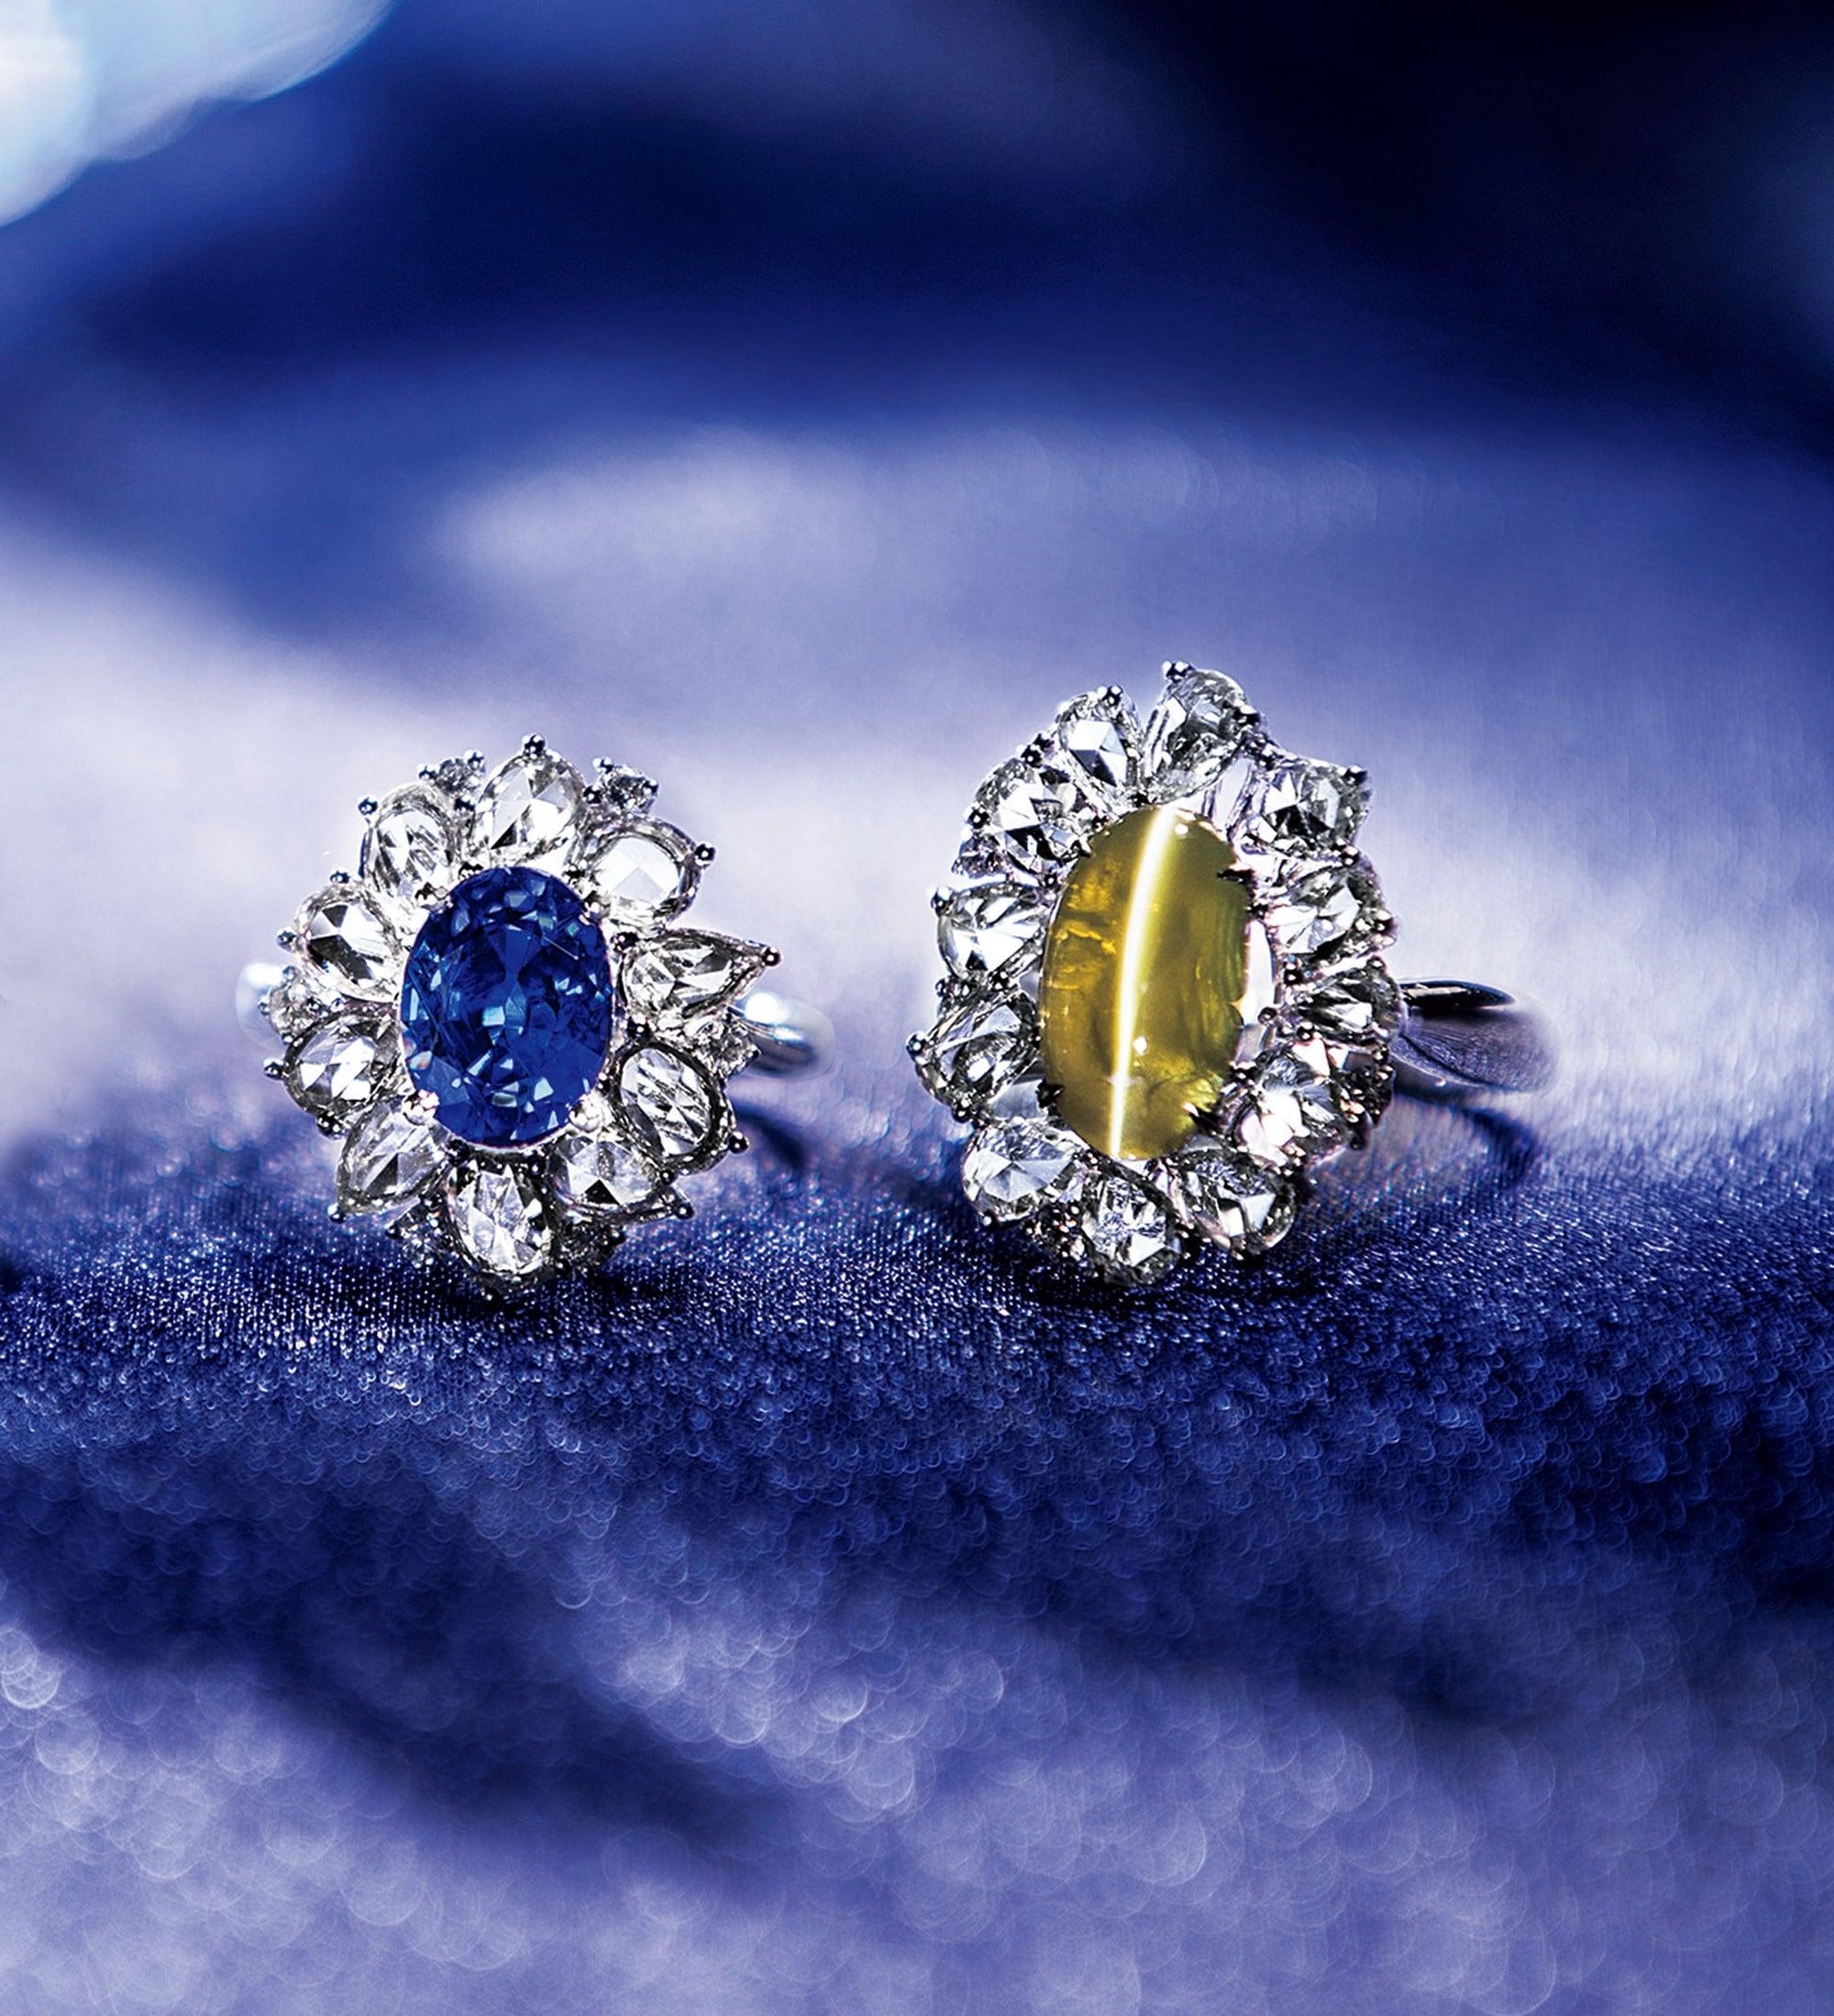 主役の美しくレアなカラーストーンを、ローズカットがさらに華を添えたリング。自然が生み出した唯一無二の芸術を楽しみたい。左からリング、 Pt・ロイヤルブルーサファイア・ダイヤモンド 3,680,000円、右 Pt ・キャッツアイ・ダイヤモンド。 2,580,000円。ともに税込